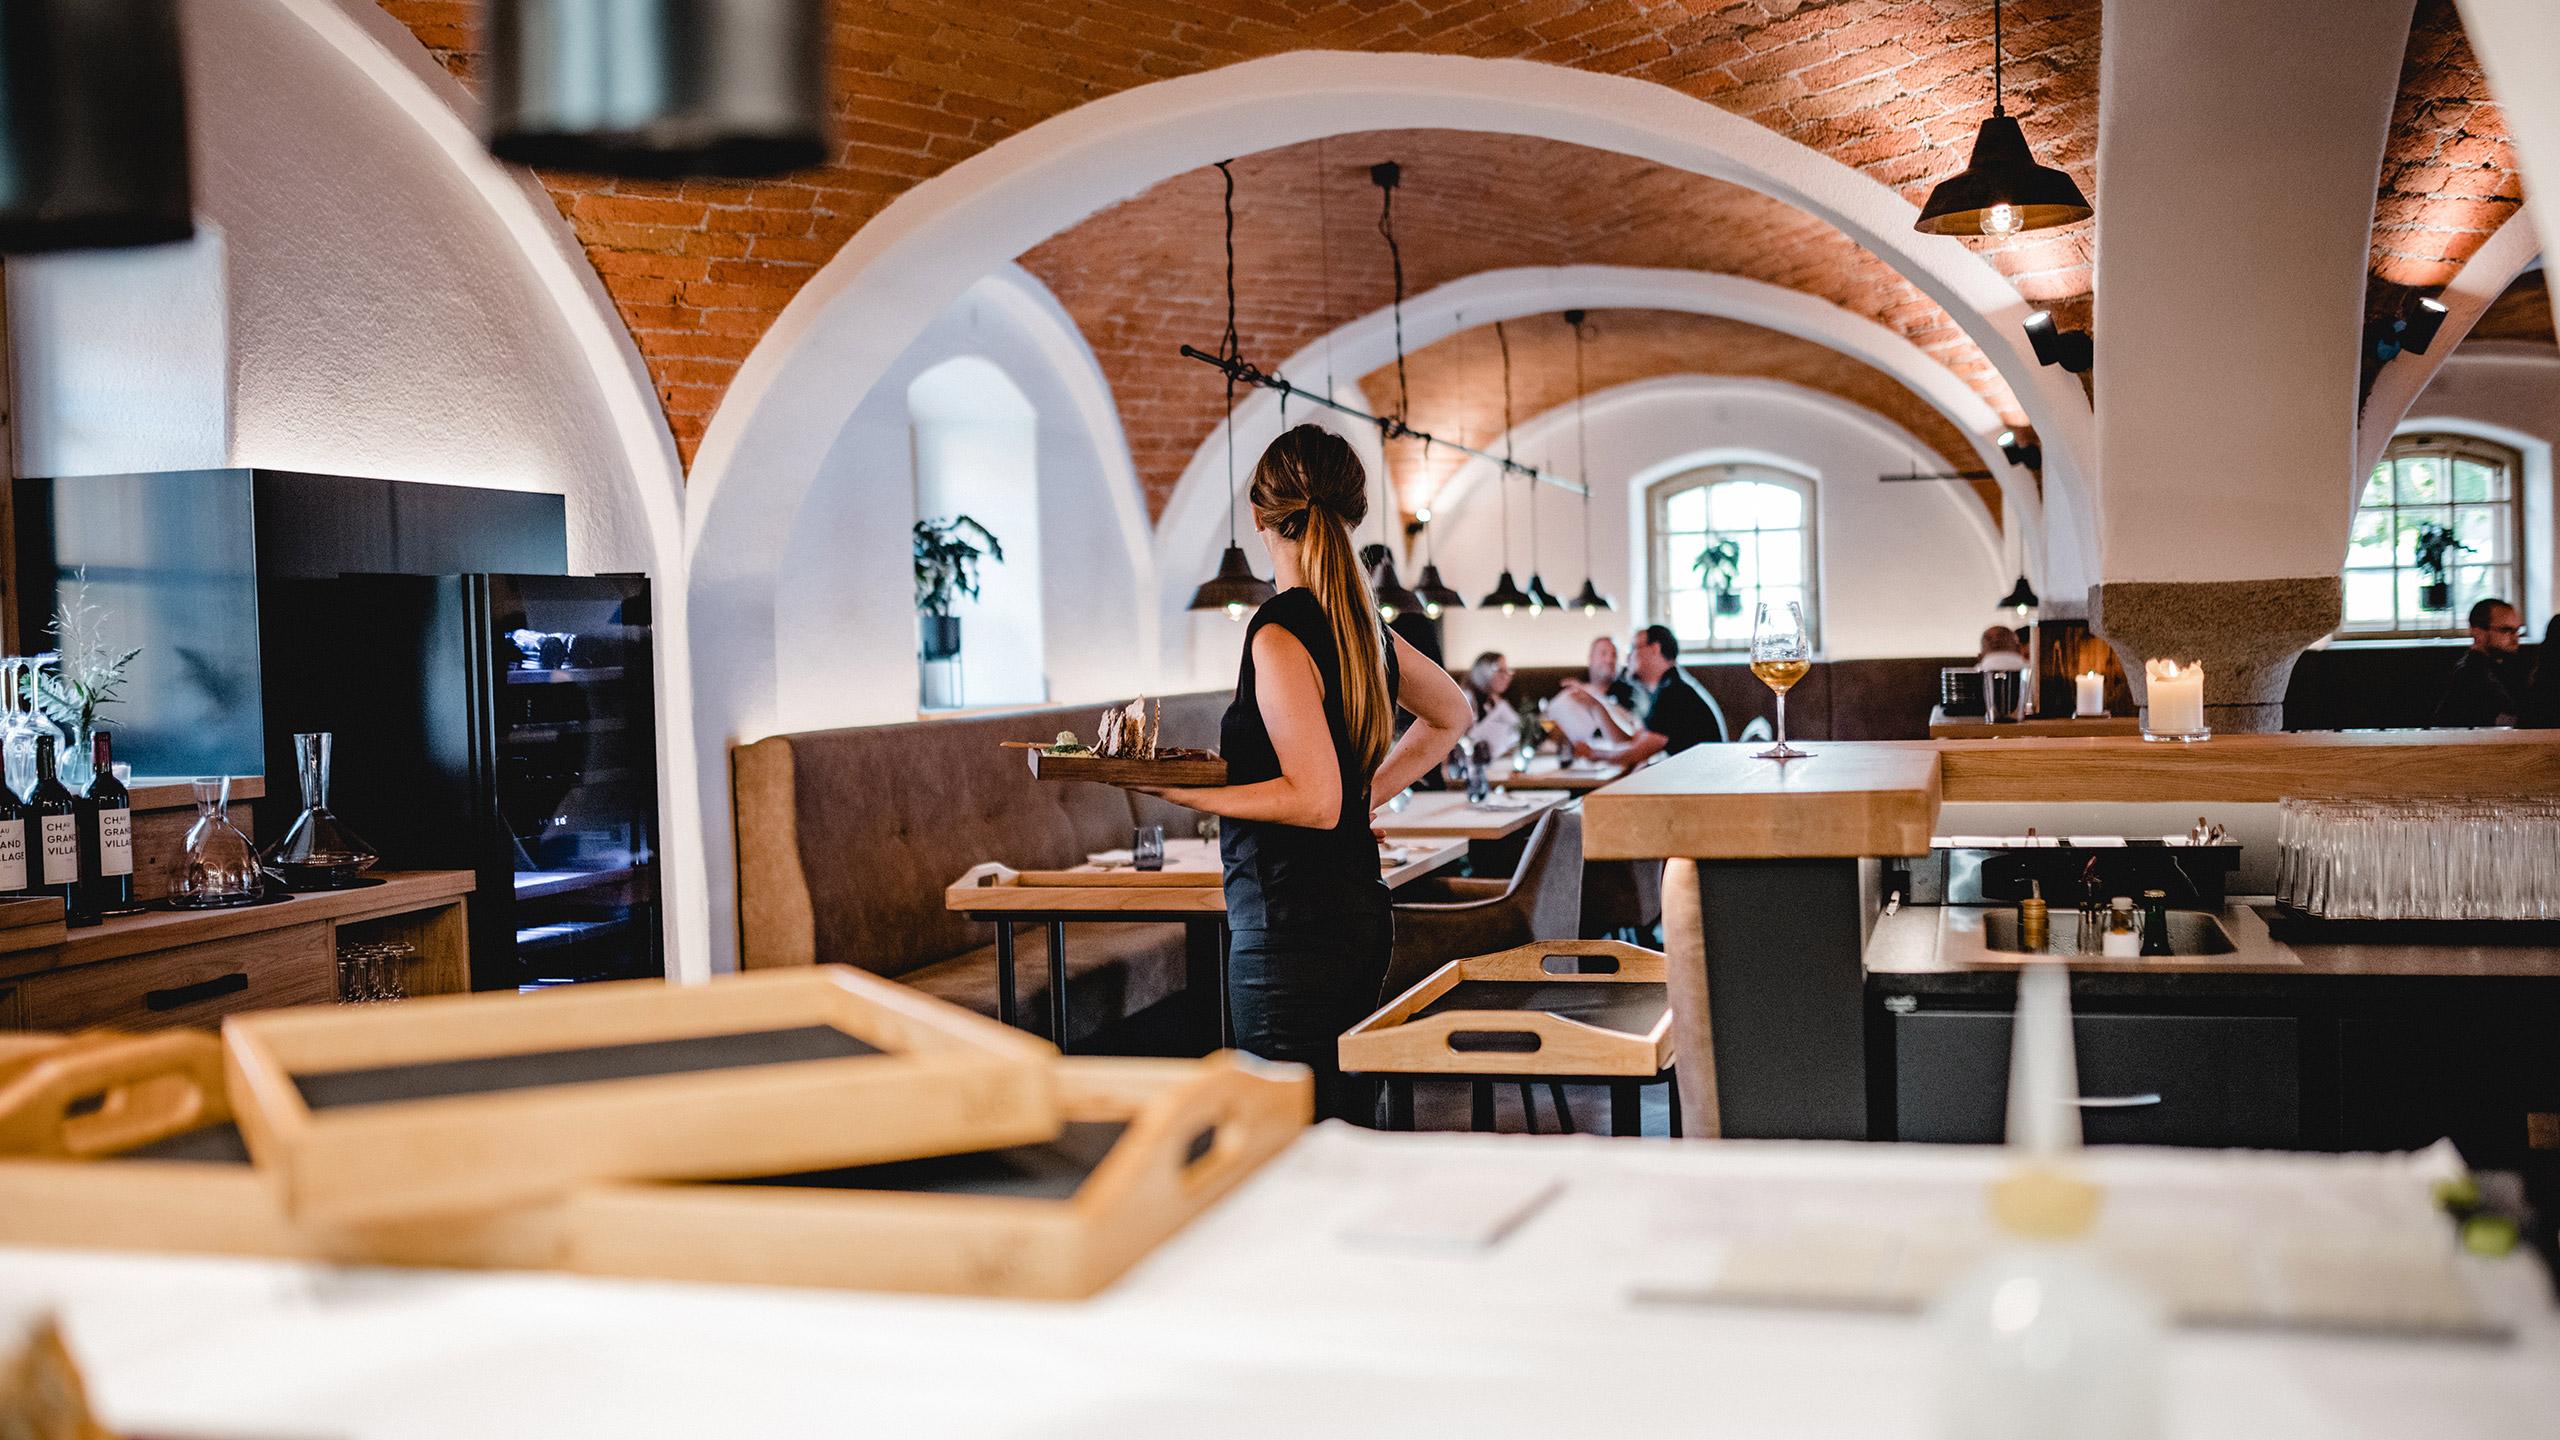 kammer5-image-restaurant-2104@2x-1